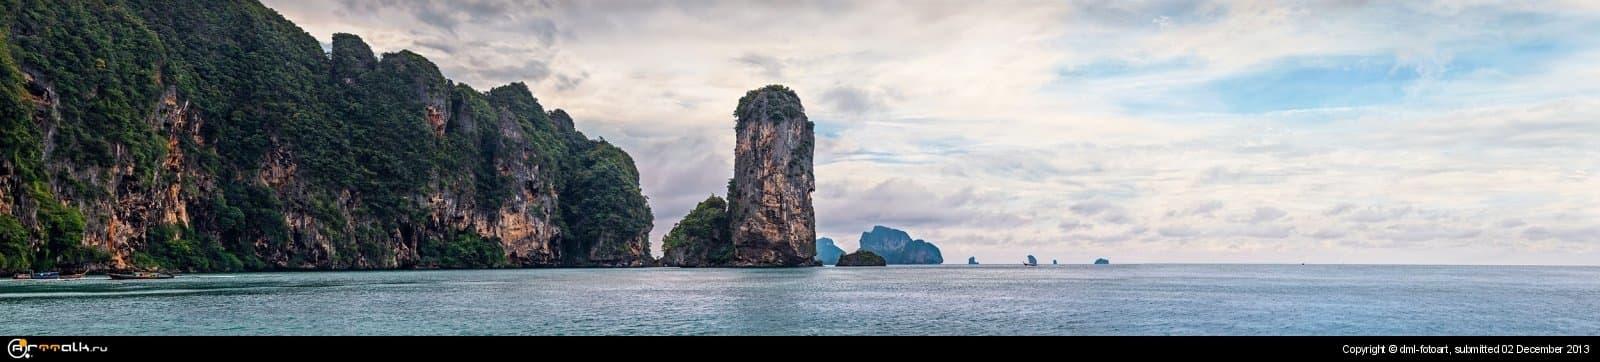 Thailand, Krabi, Pai Plong Bay